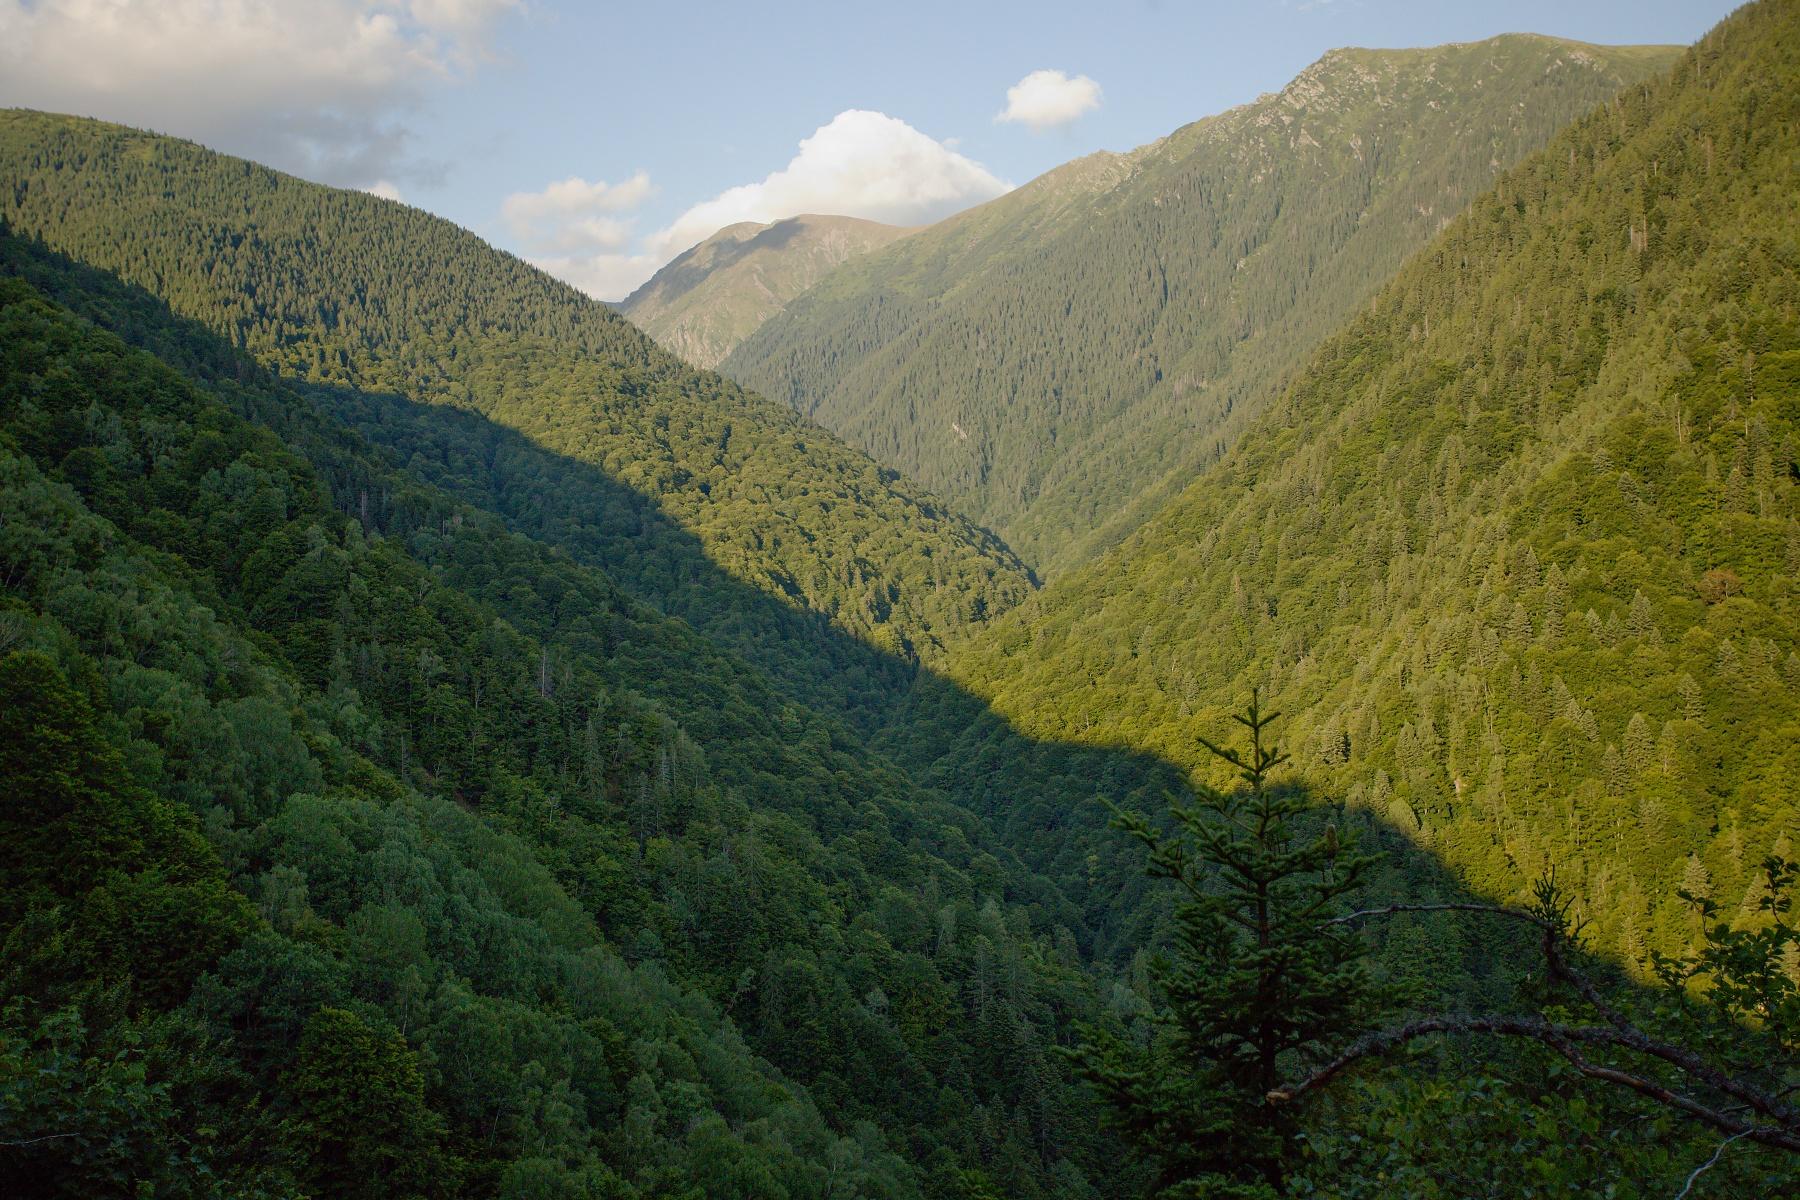 Boia Mică, Munții Făgăraș, Romania Canon EOS 6D mark II, Canon 17-40 mm, 40 mm, f4, 1/4000, ISO 2000, 5. august 2019